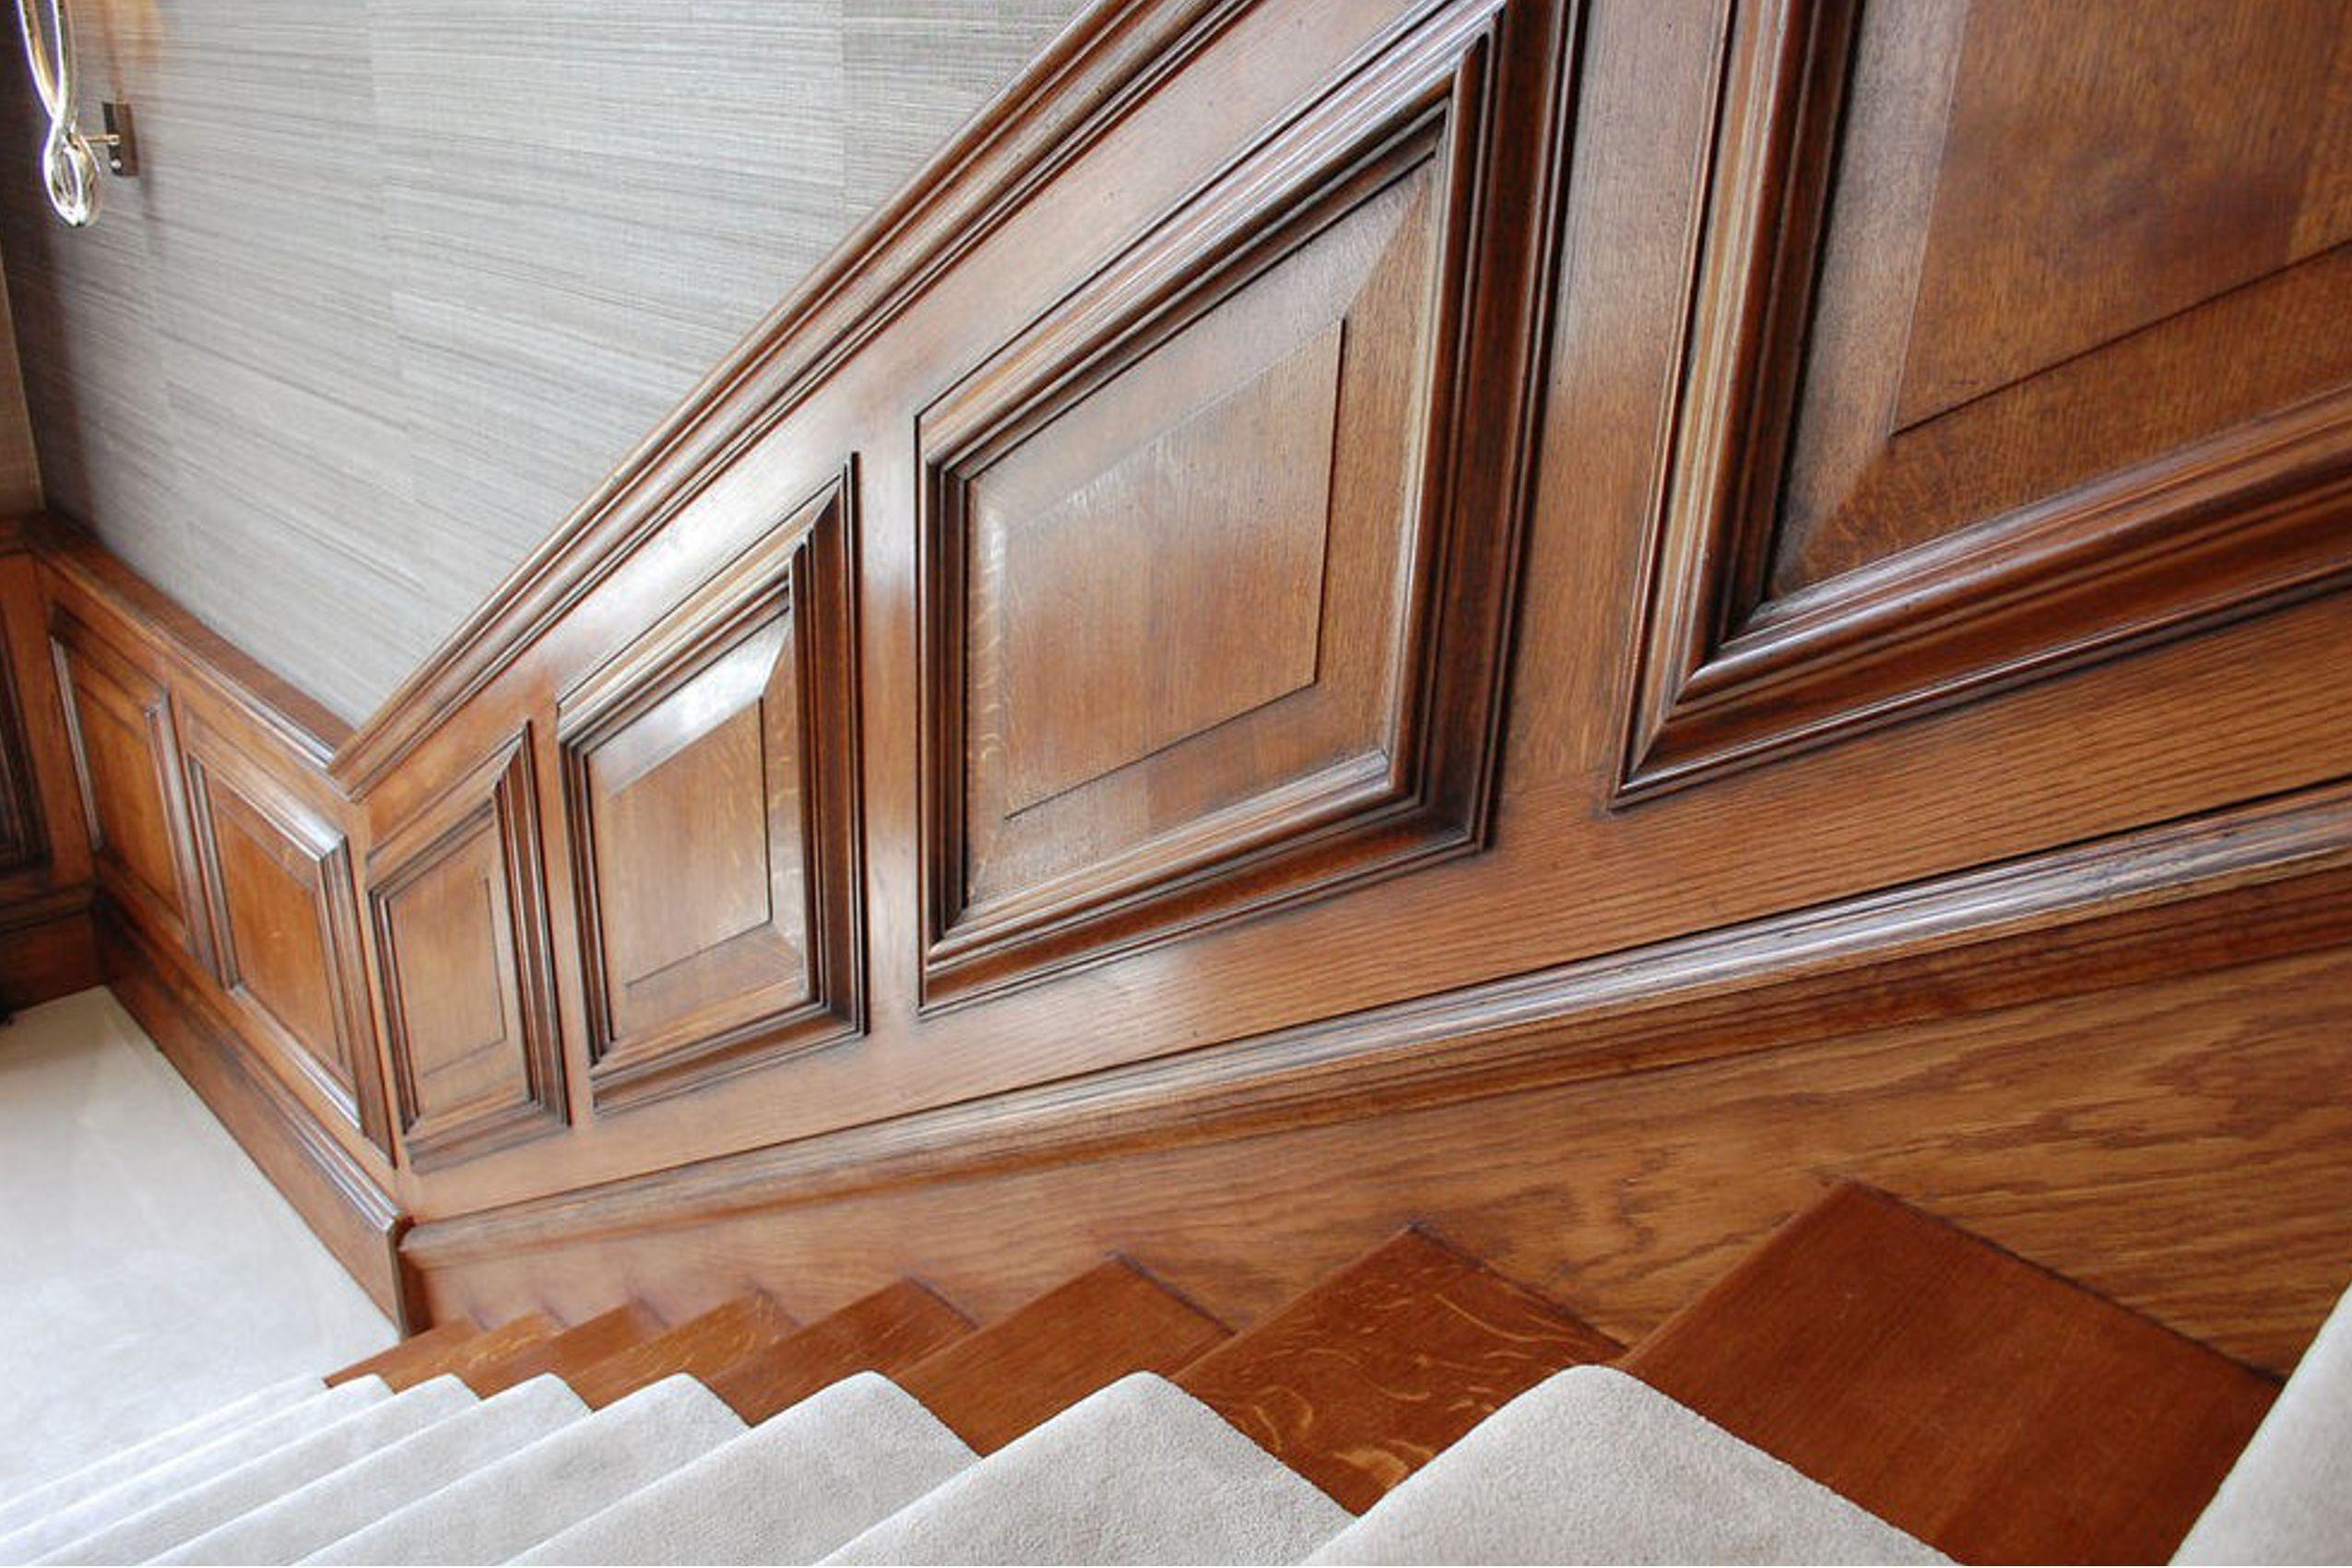 Boiserie per vano scale arredamenti in legno for Arredamenti scalea